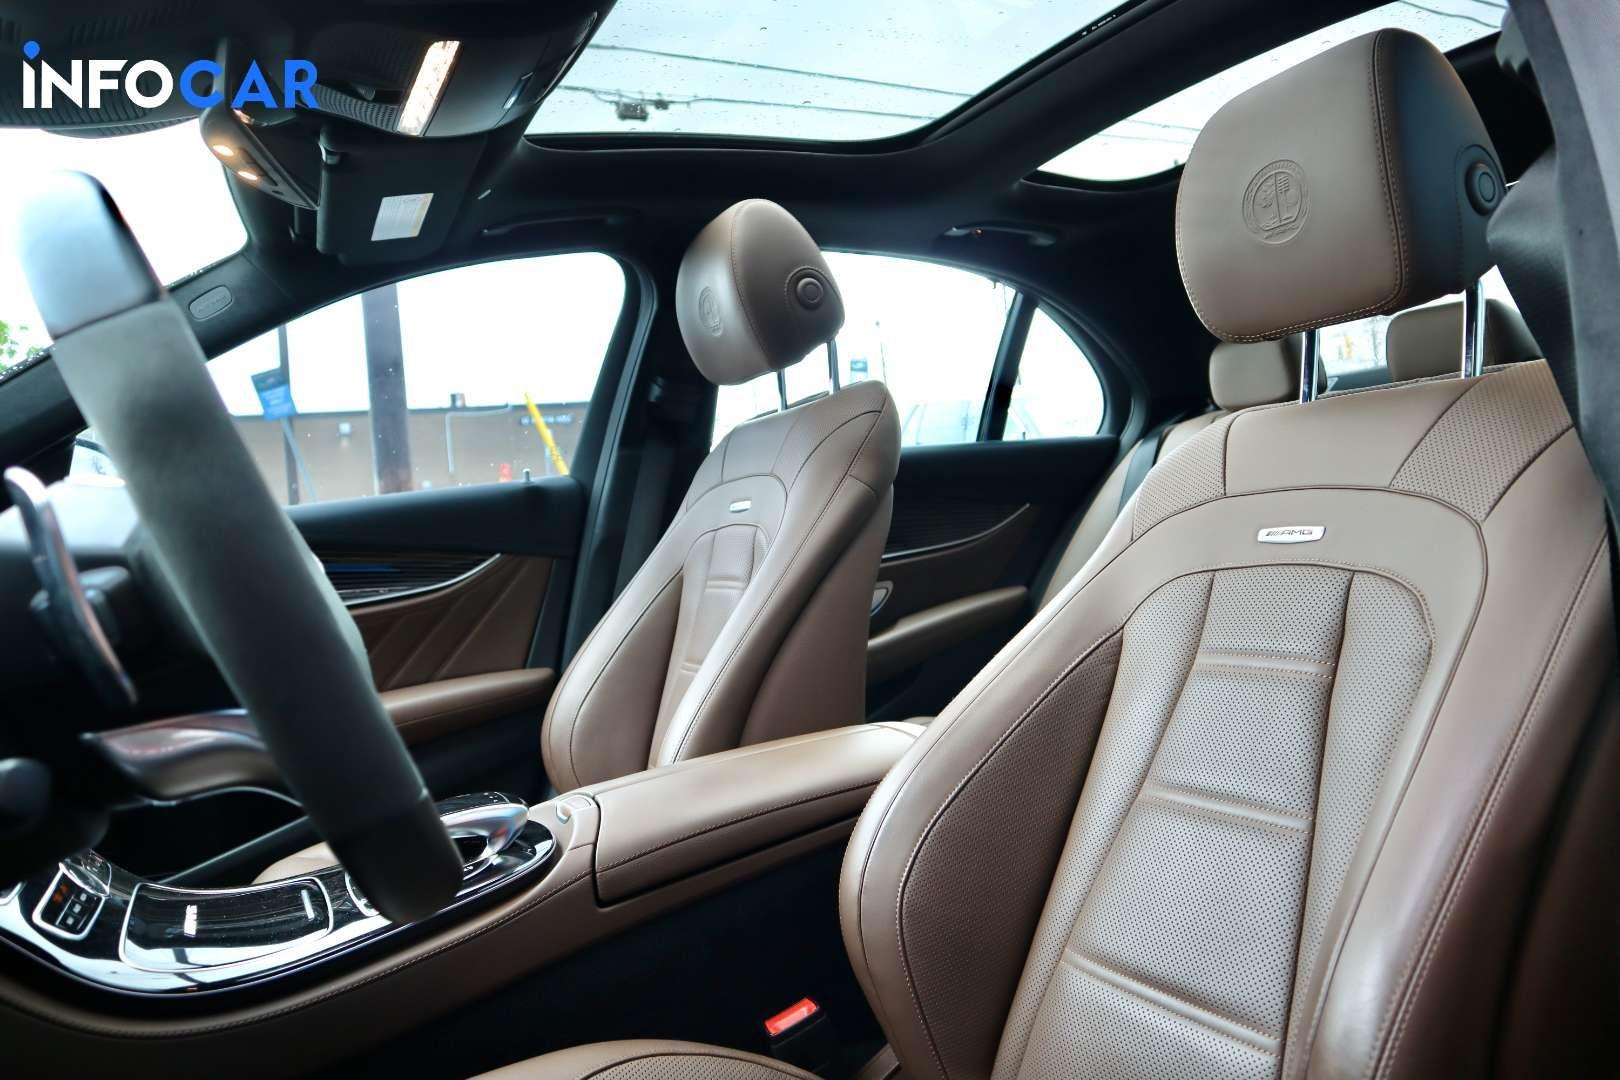 2018 Mercedes-Benz E-Class E63S Sedan - INFOCAR - Toronto's Most Comprehensive New and Used Auto Trading Platform